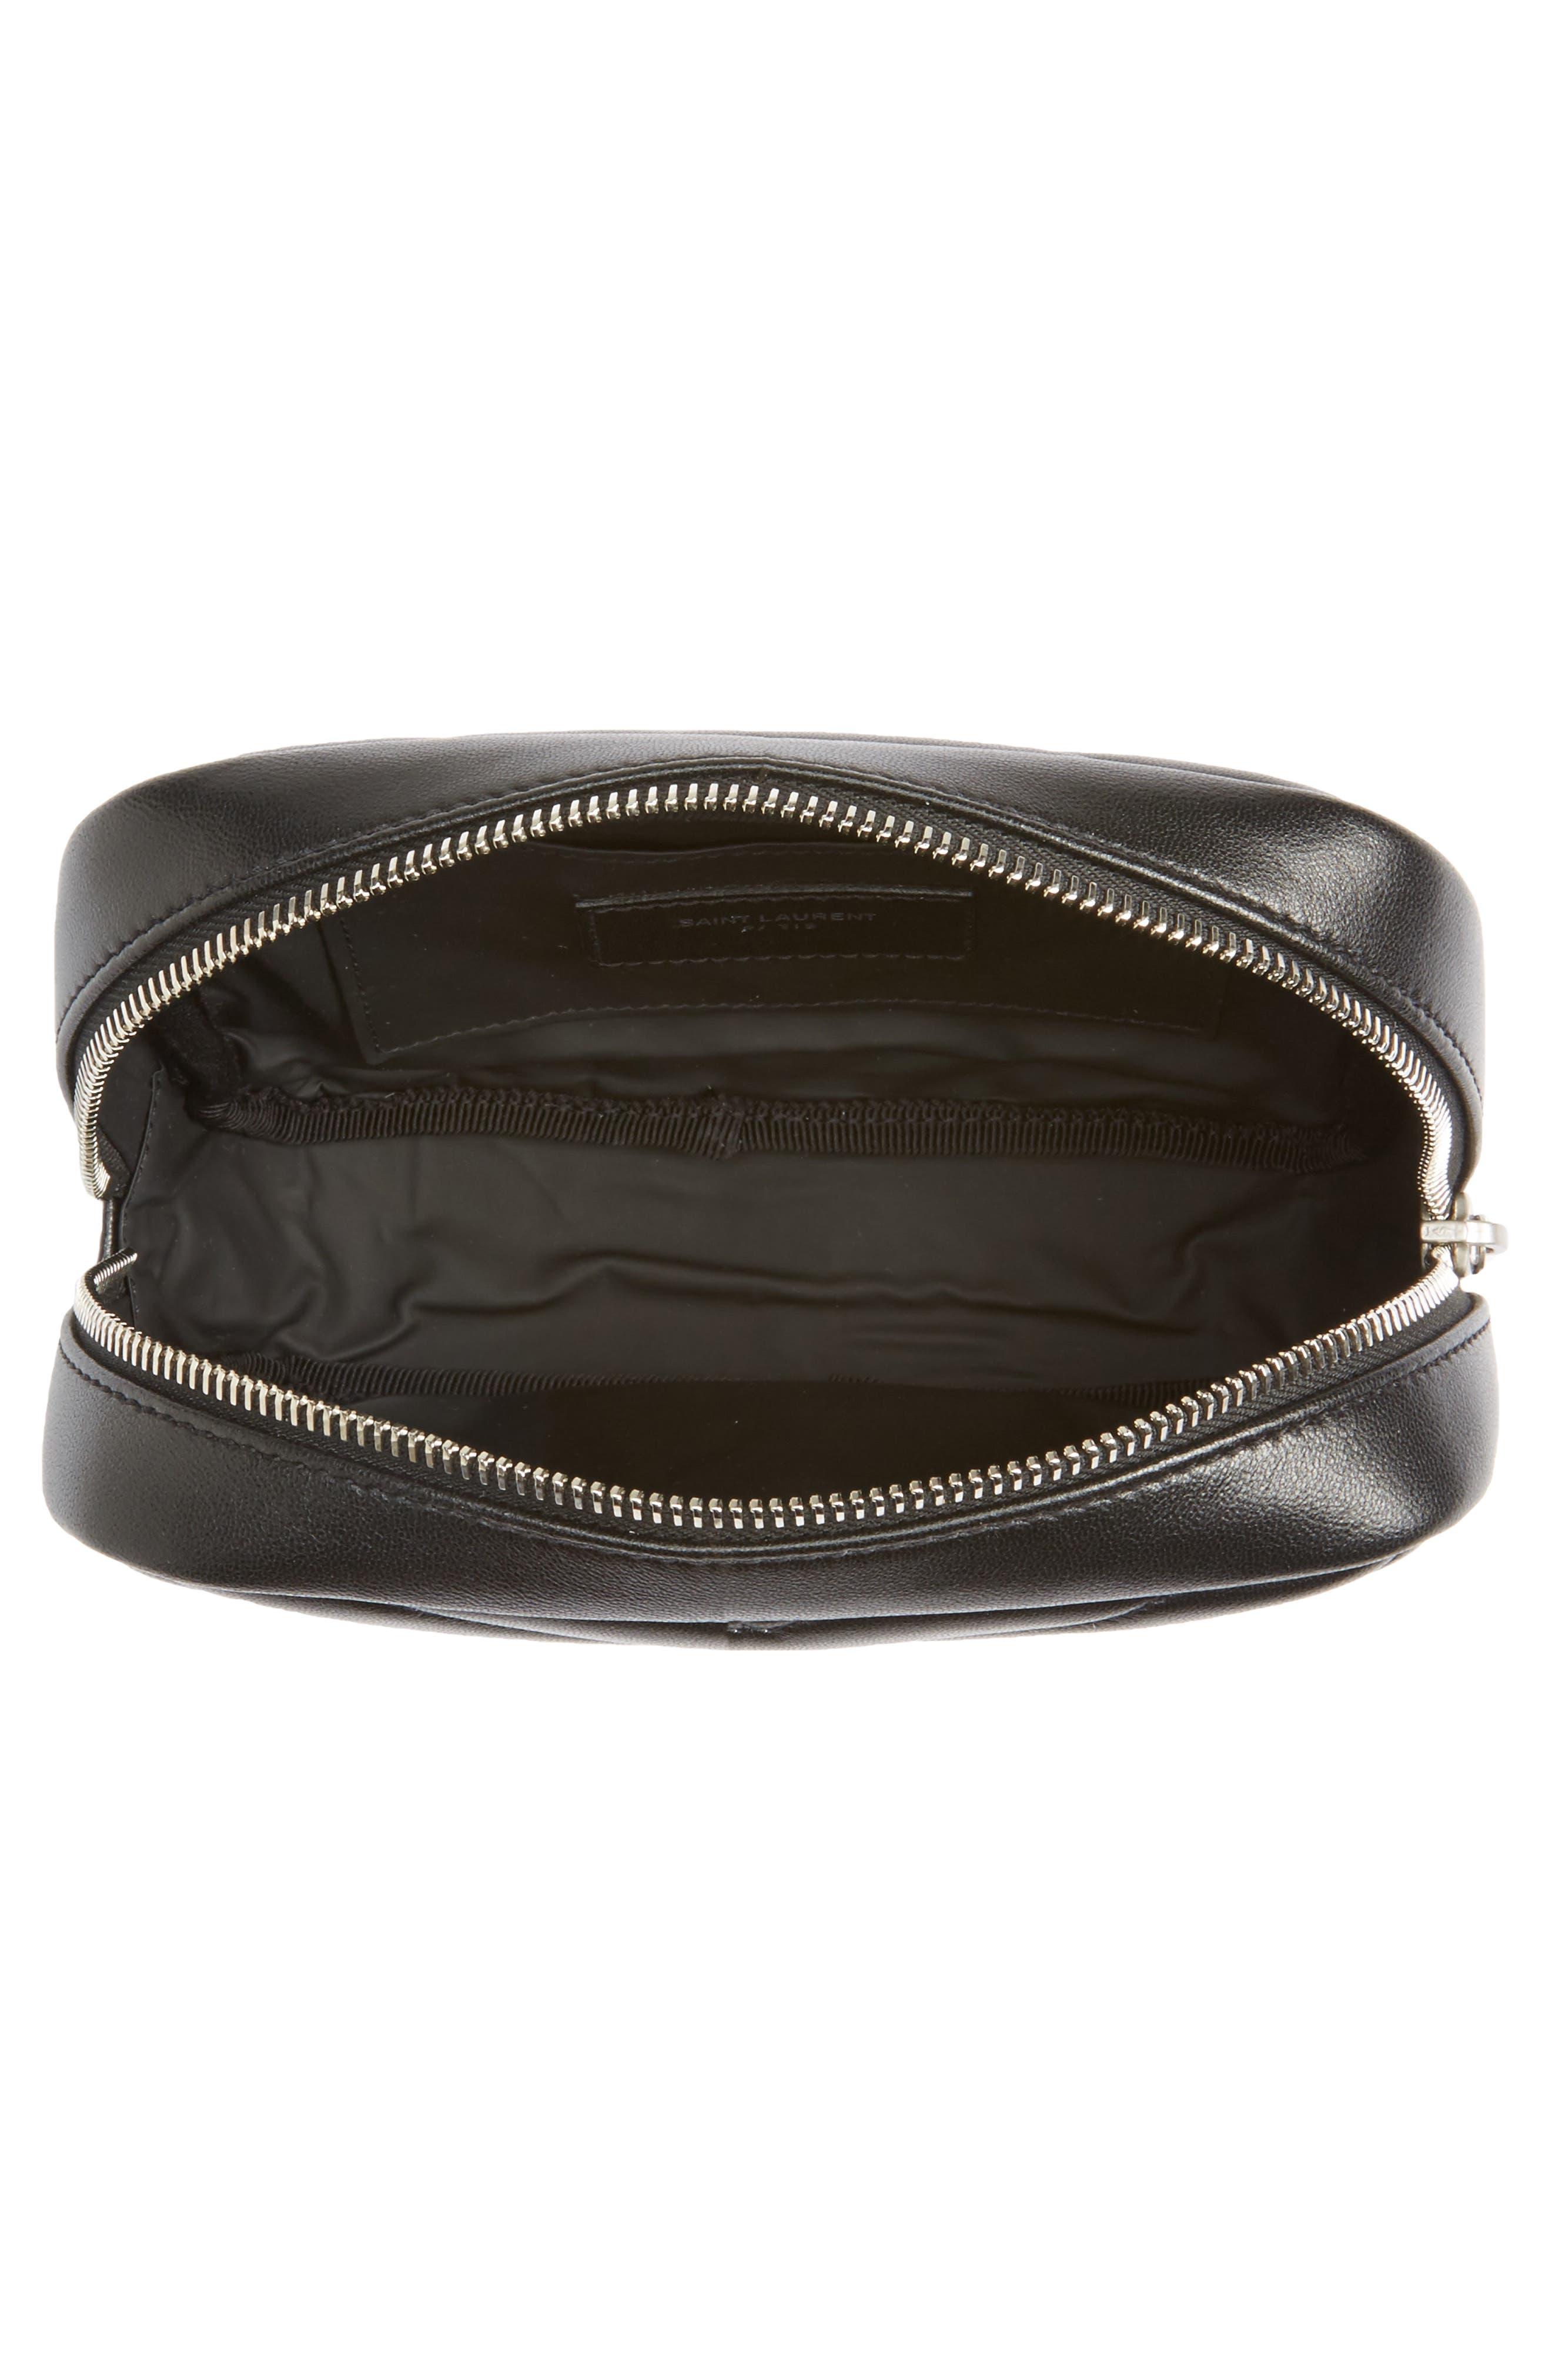 Alternate Image 3  - Saint Laurent Loulou Matelassé Leather Cosmetics Case